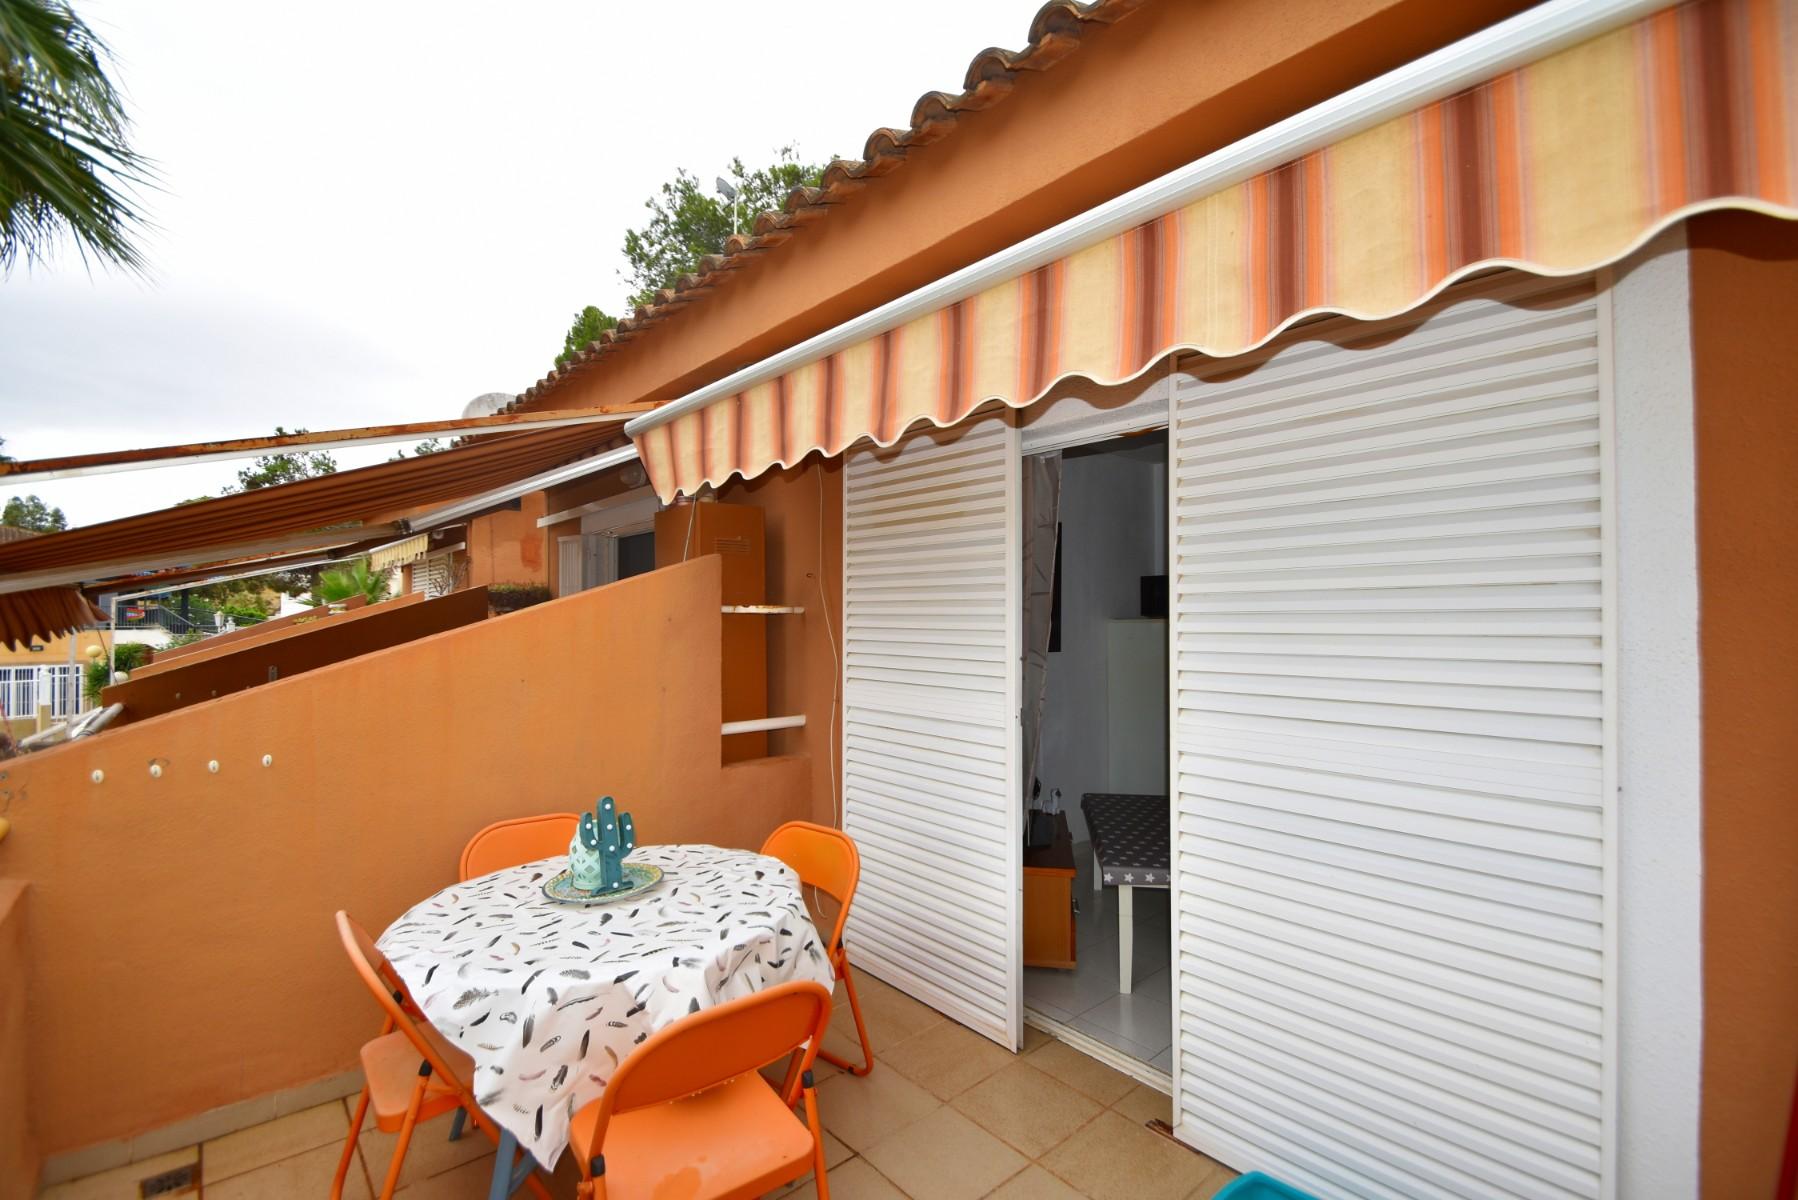 Двухквартирный дом в Ciudad Quesada - Существующая конструкция